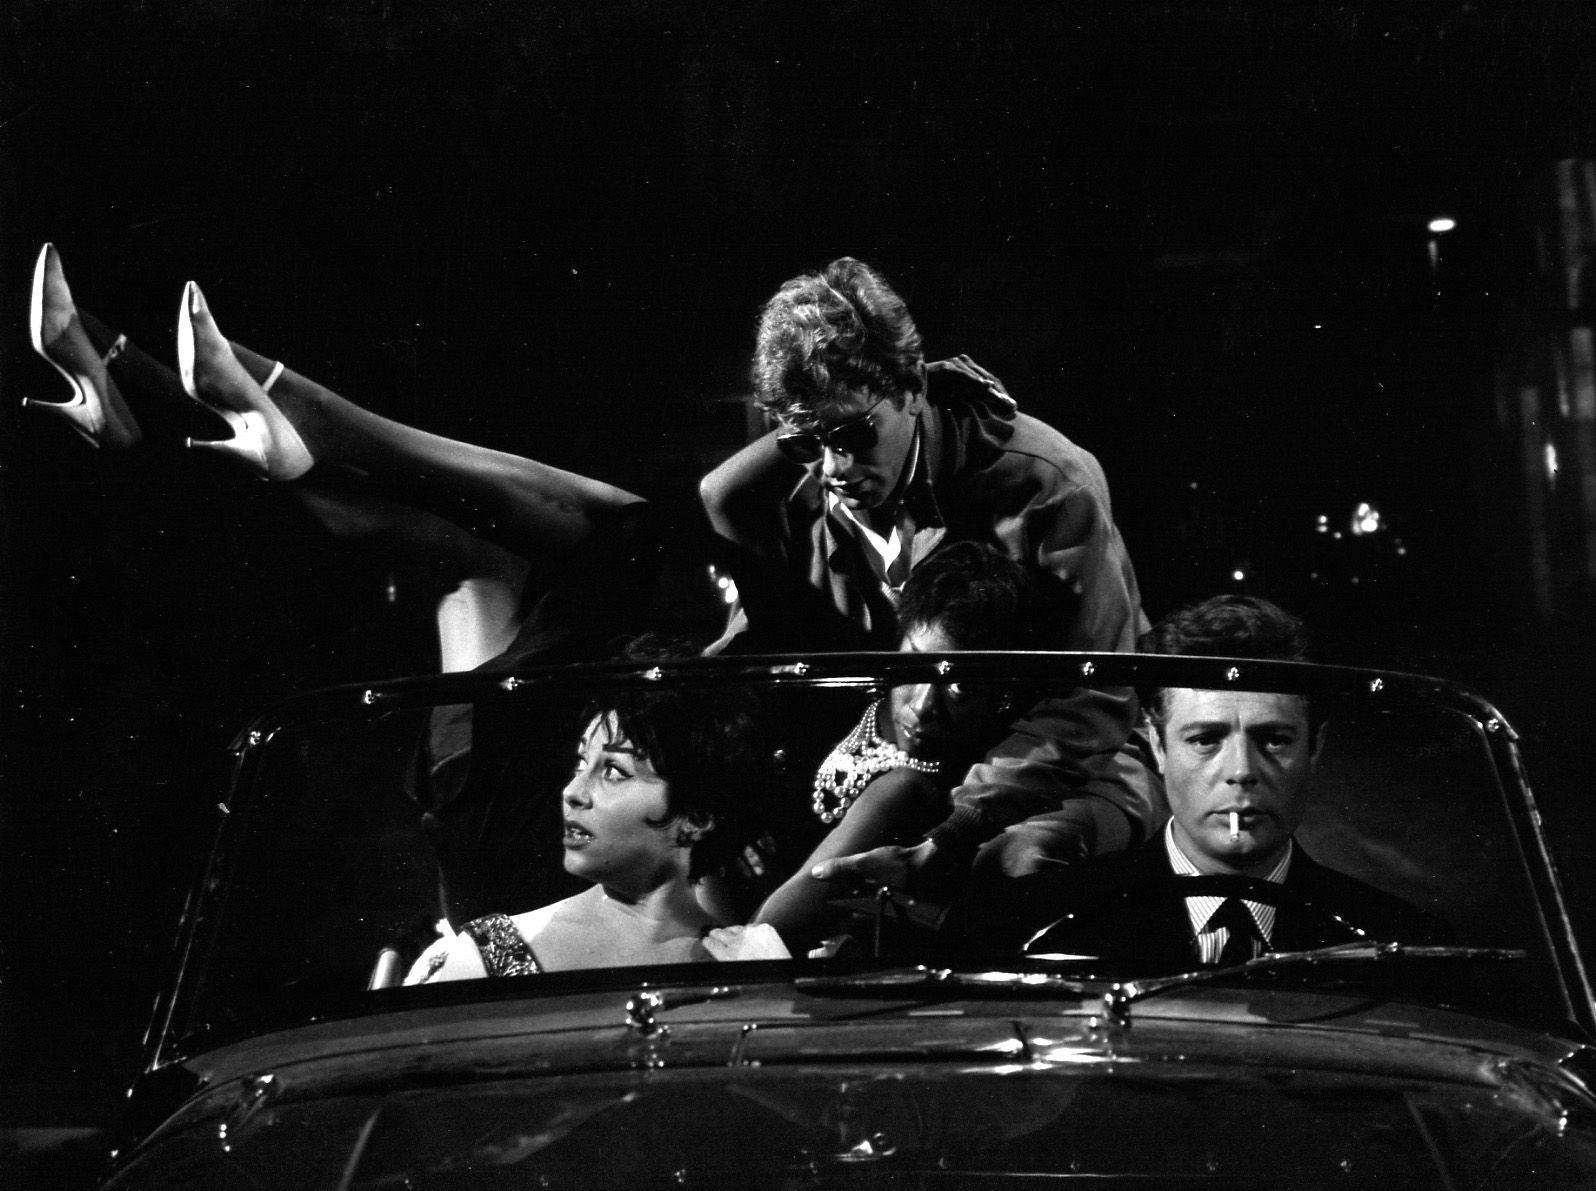 World Cinema Review Federico Fellini La Dolce Vita La Dolce Vita Marcello Mastroianni Cinema